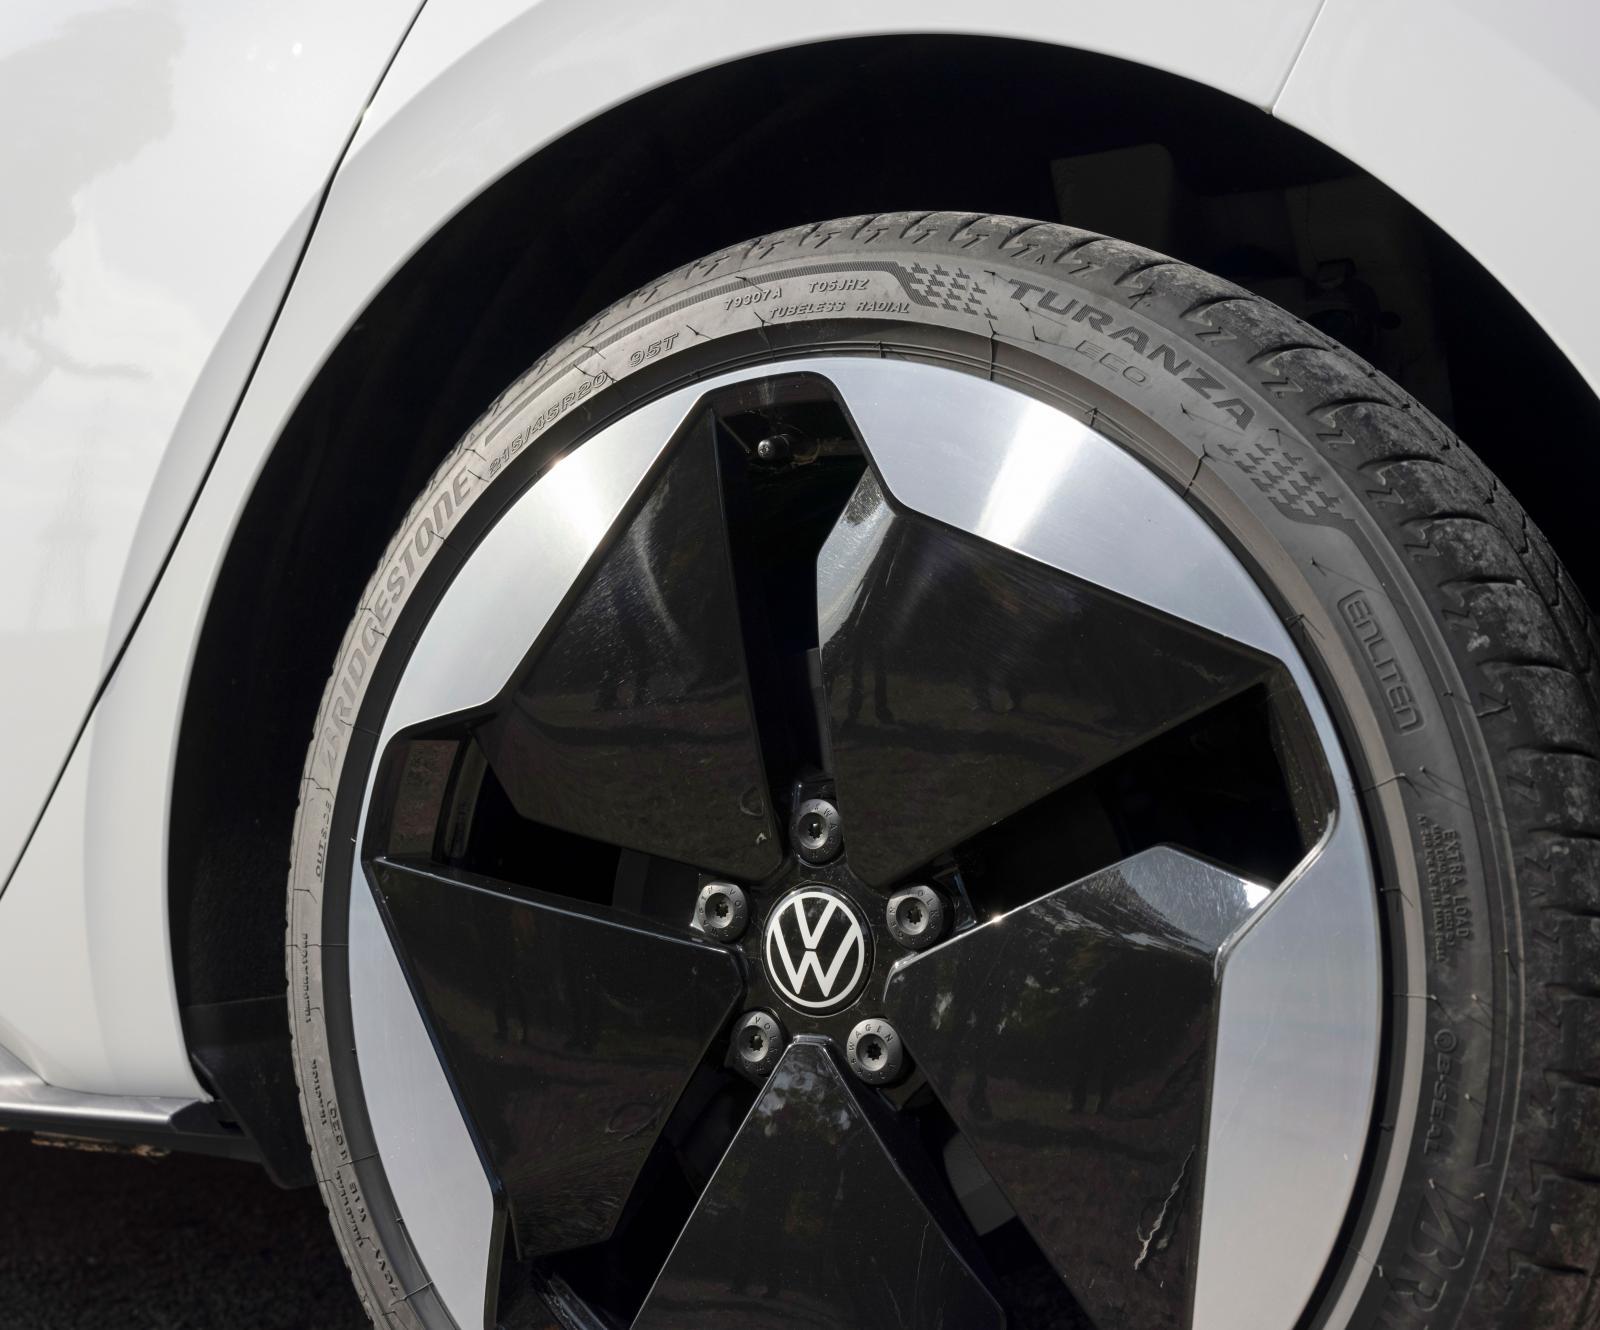 Tjugotumshjulen på 1st Edition är nästan det dominerande visuella inslaget på bilen. De ger faktiskt inte alls så stötig gång som befarat, fjädringskomforten är ett trumfkort.